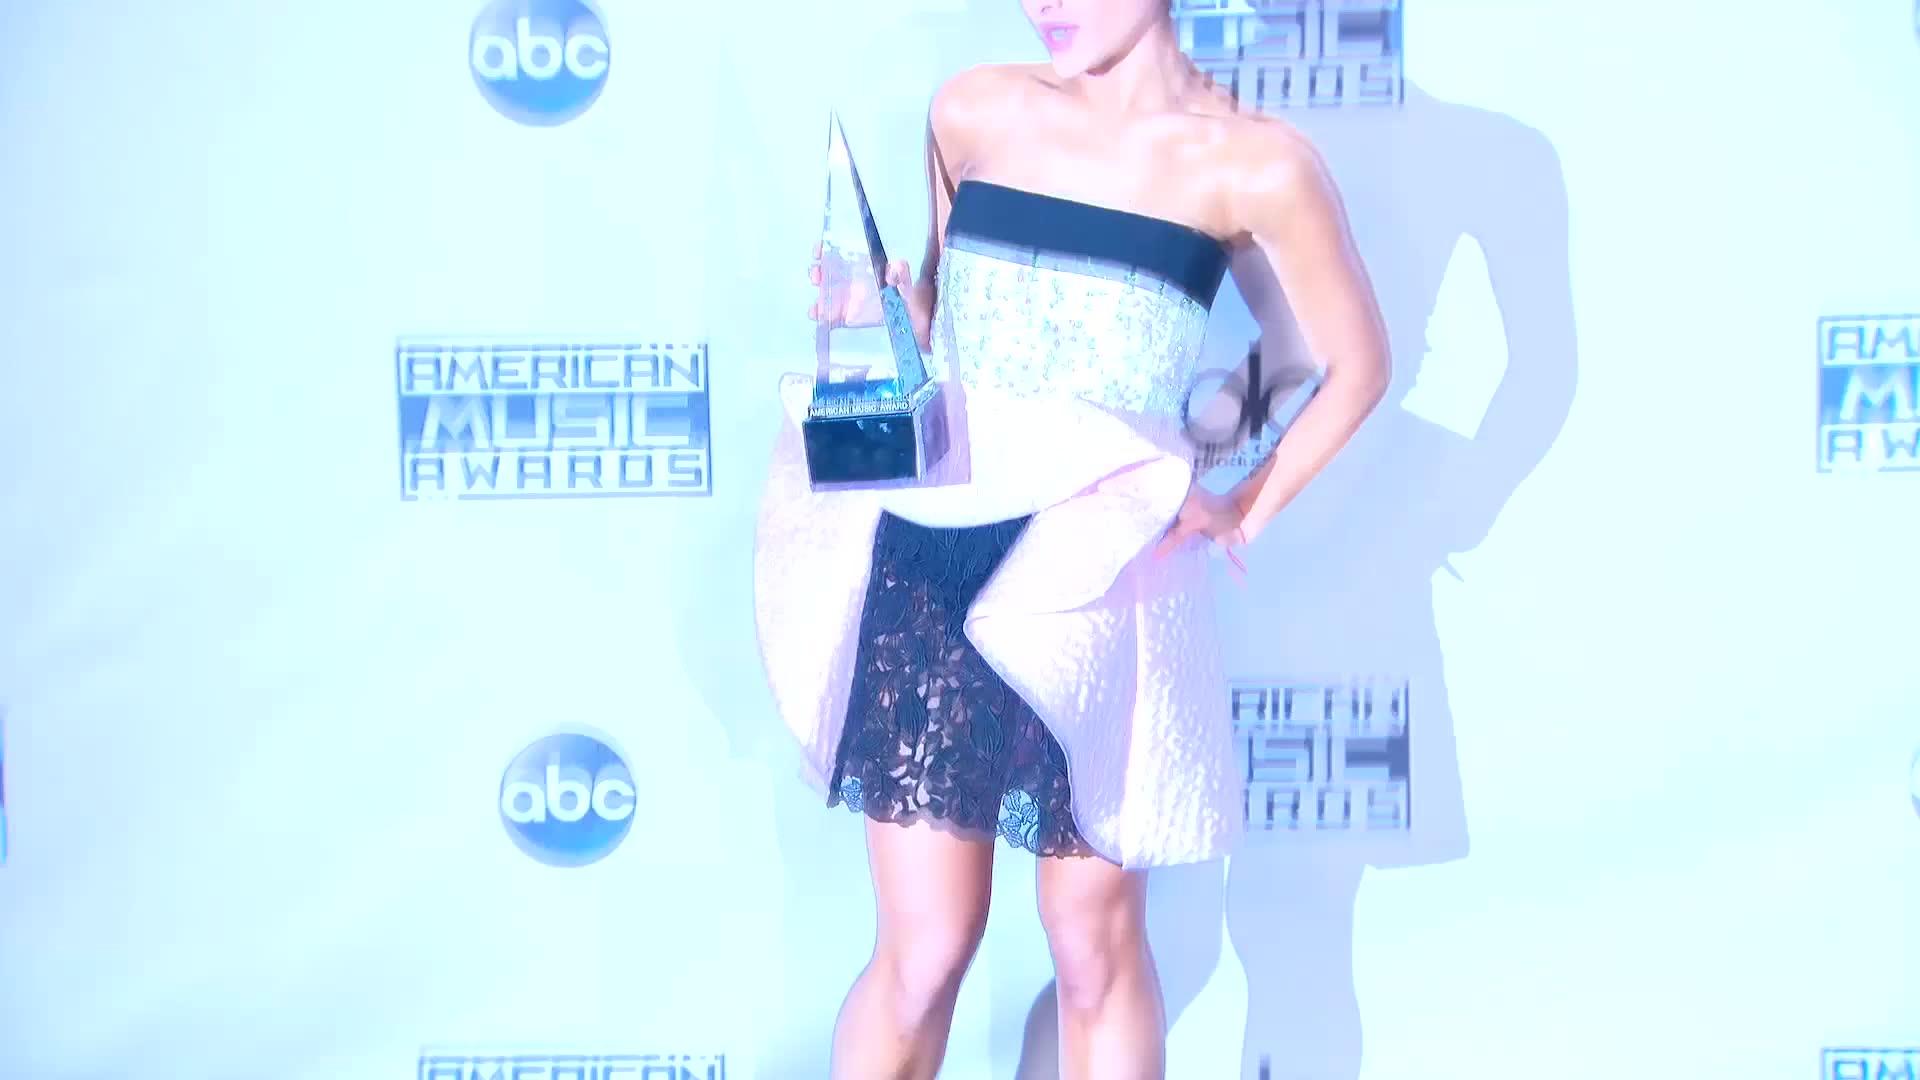 Ariana Grande's Award Show Fever